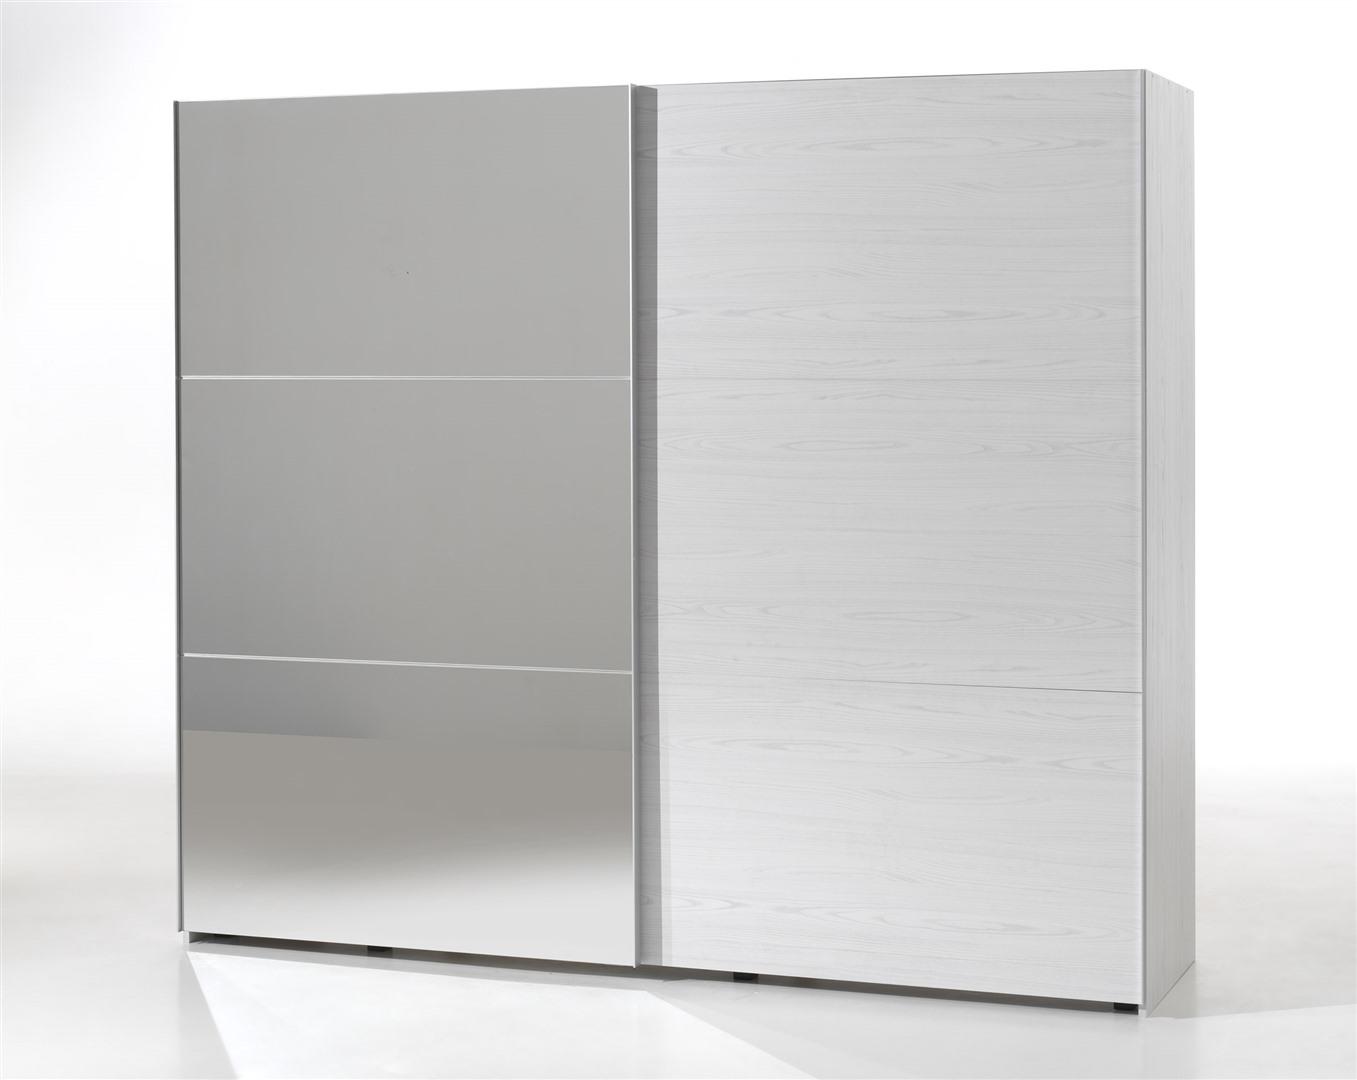 Kleerkast Met Spiegel : Kleerkast cm schuifdeuren spiegel krea